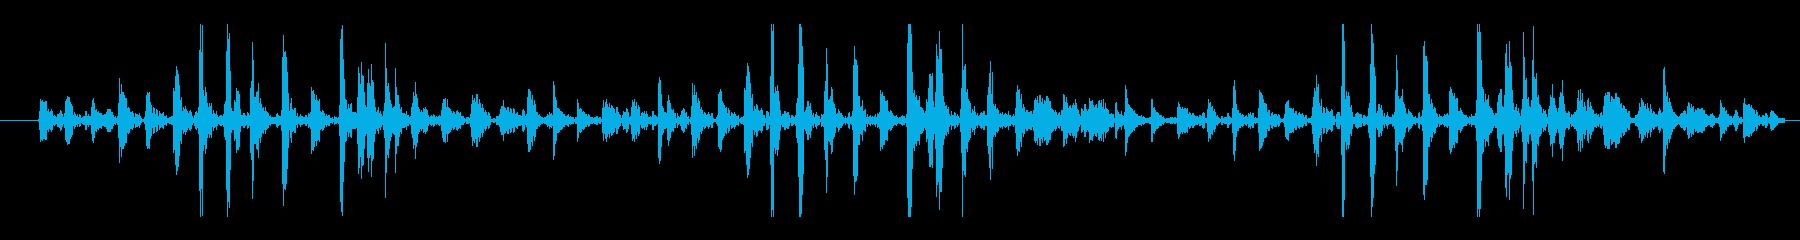 フィクション ロボット ロボットス...の再生済みの波形